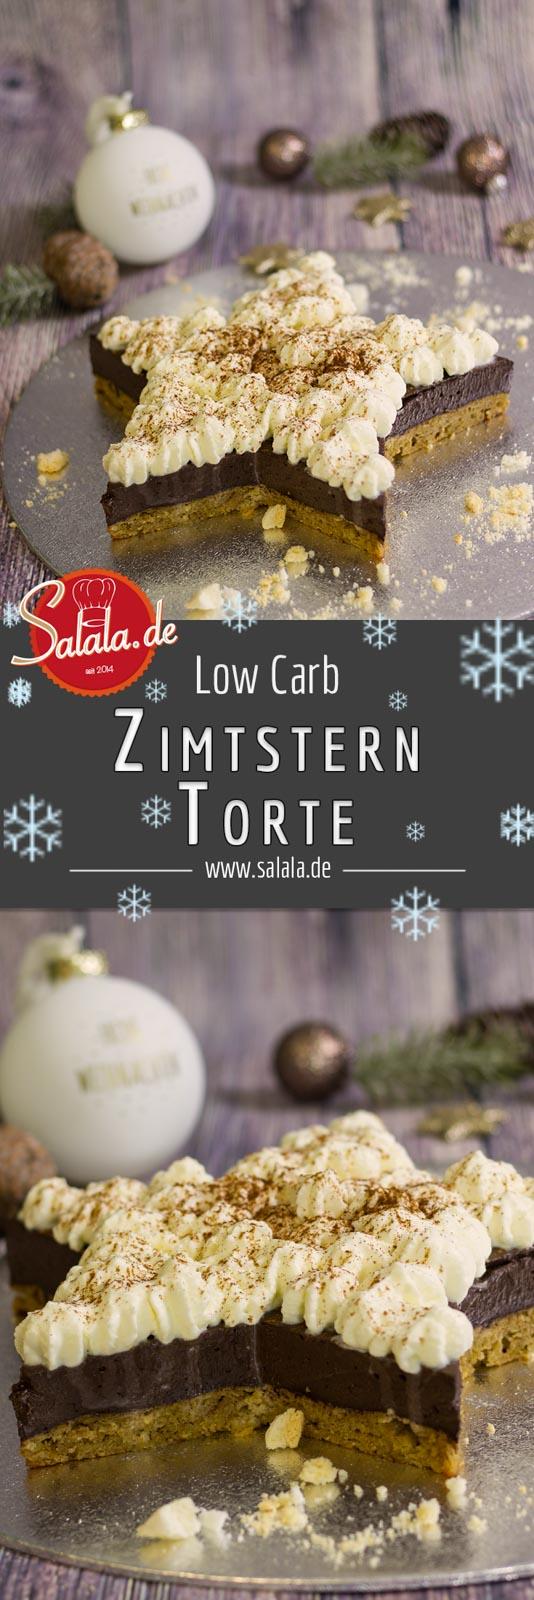 Low Carb Zimtsterntorte - by salala.de - glutenfrei backen ohne Zucker zuckerfrei ohne Mehl mehlfrei Schokolade Sahne Zimt Weihnachten - Annetts Backsübchen Foodadventskalender 2017